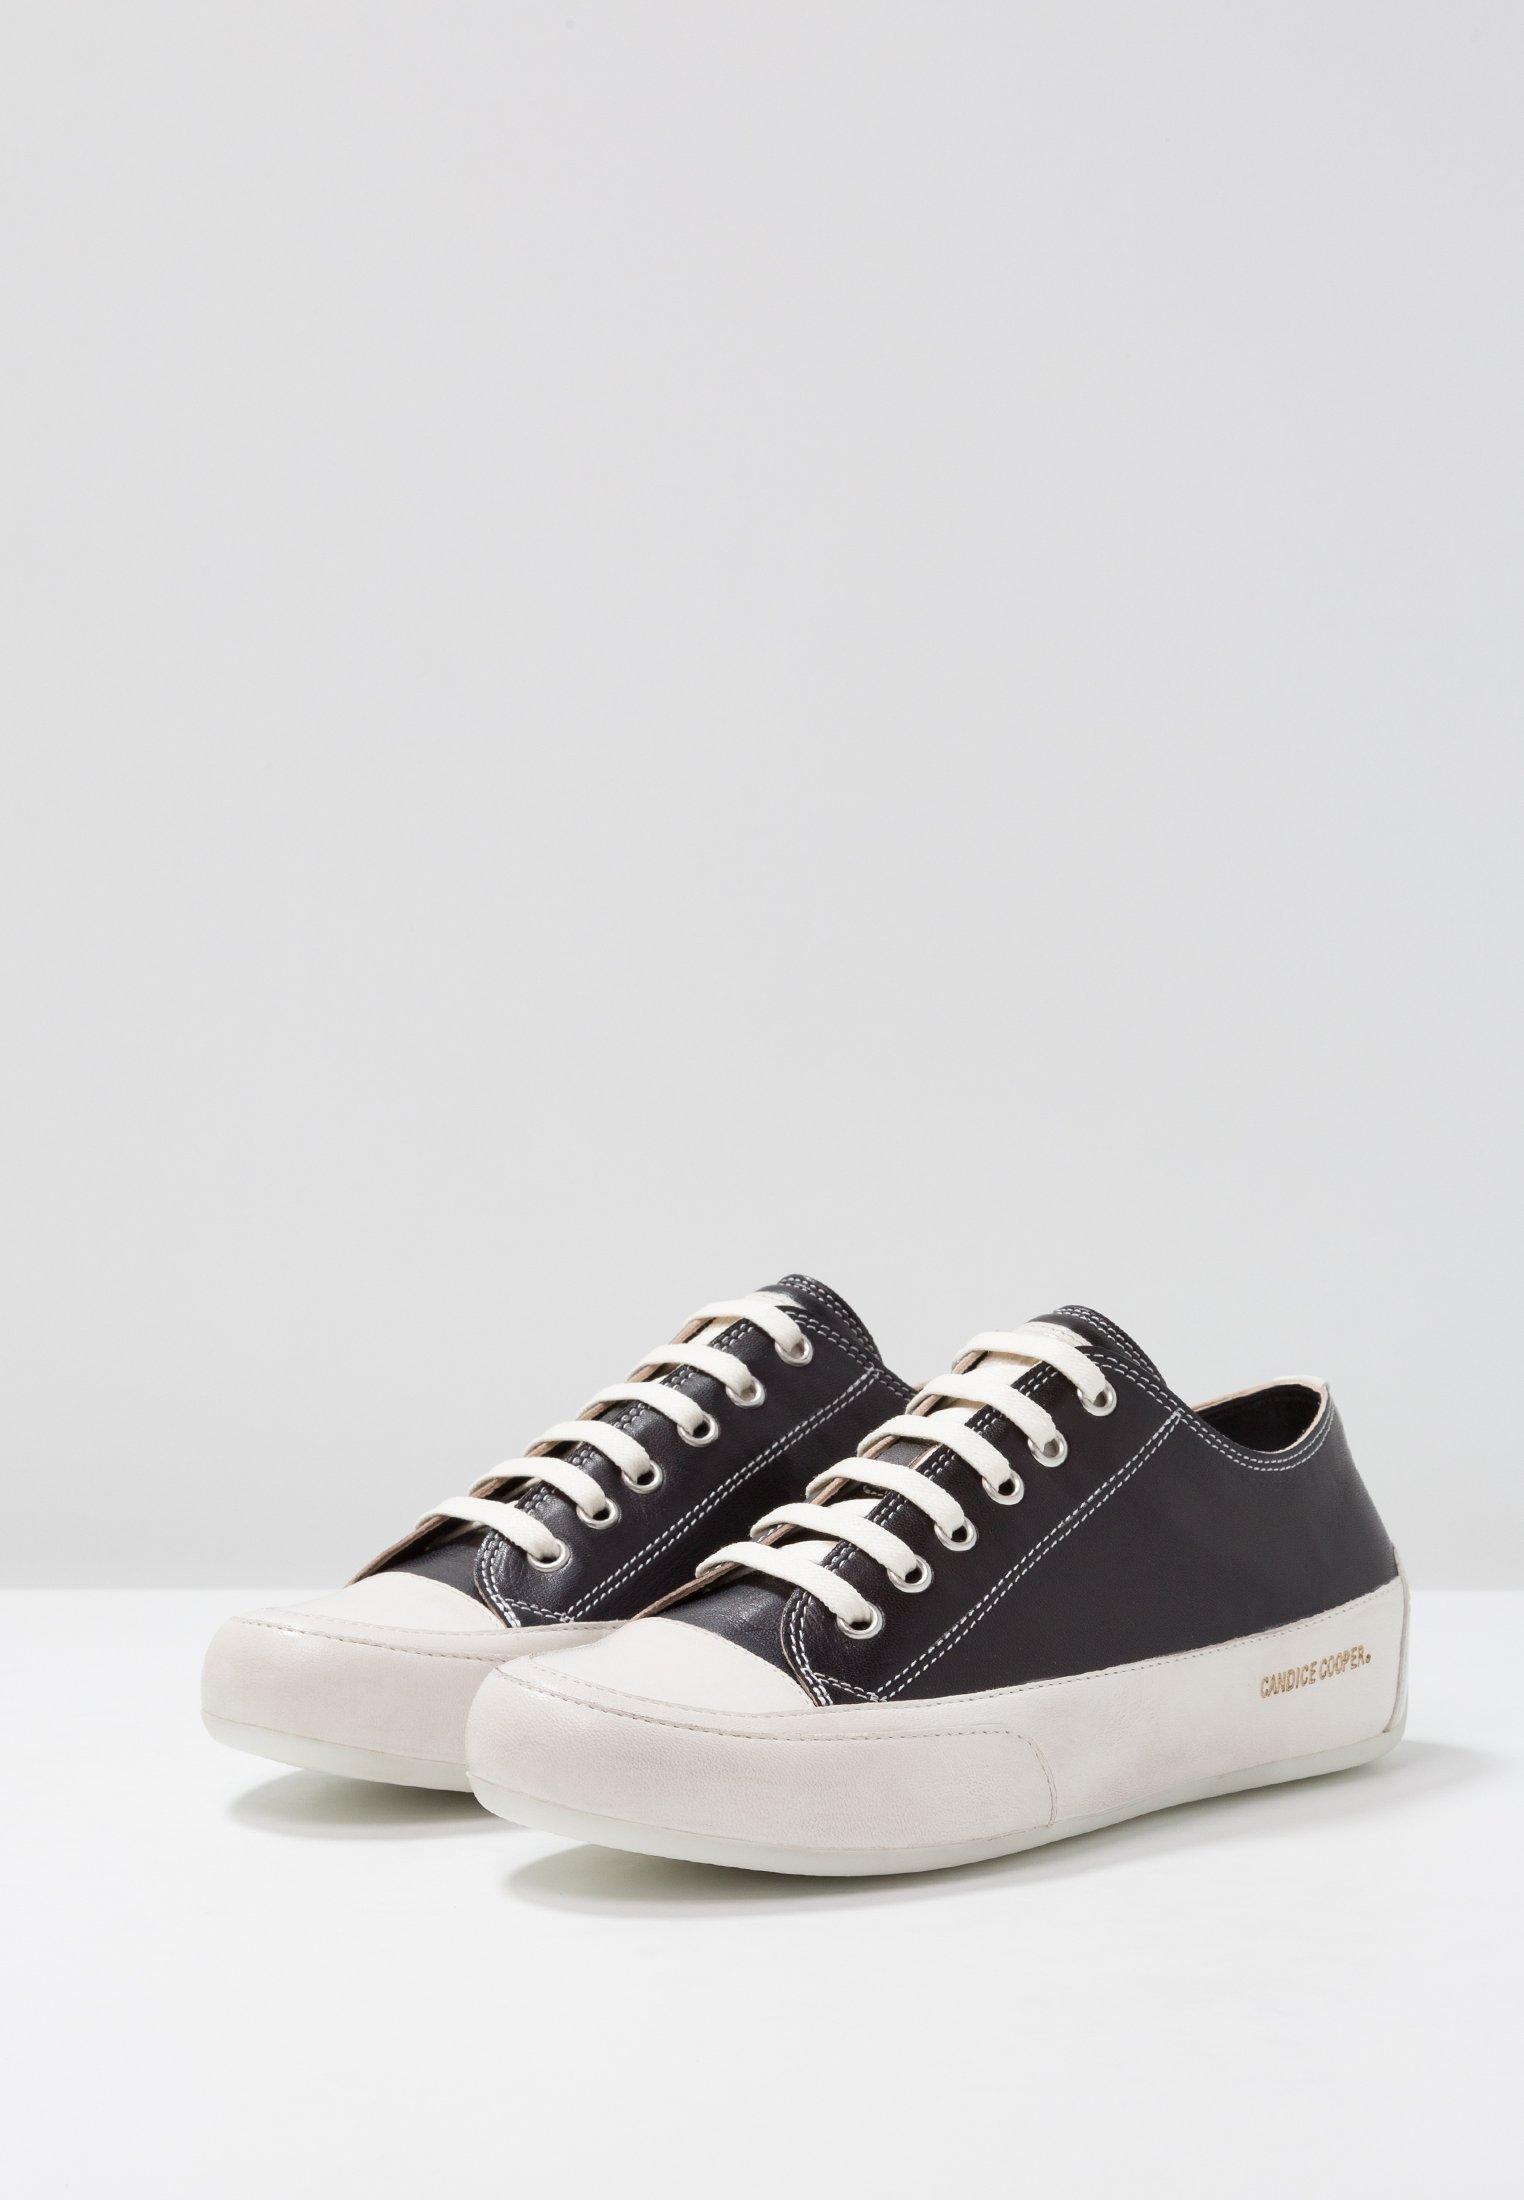 Candice Cooper Rock - Sneakers Laag Tamponato Nero/base Panna Goedkope Schoenen